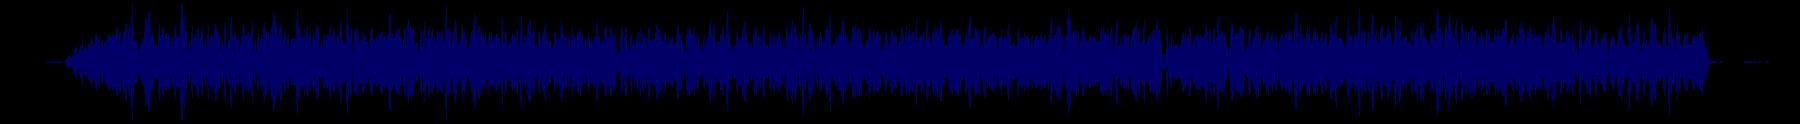 waveform of track #49551